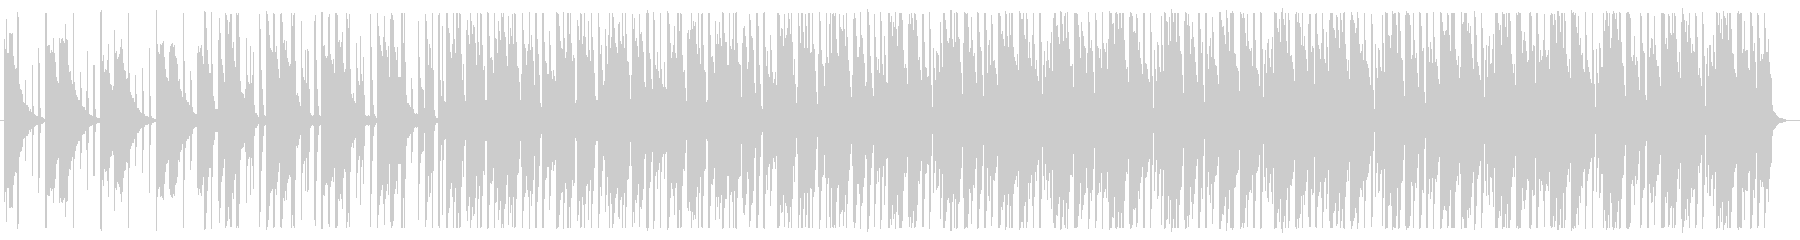 アーバン/都会/R&B_No458_3の未再生の波形